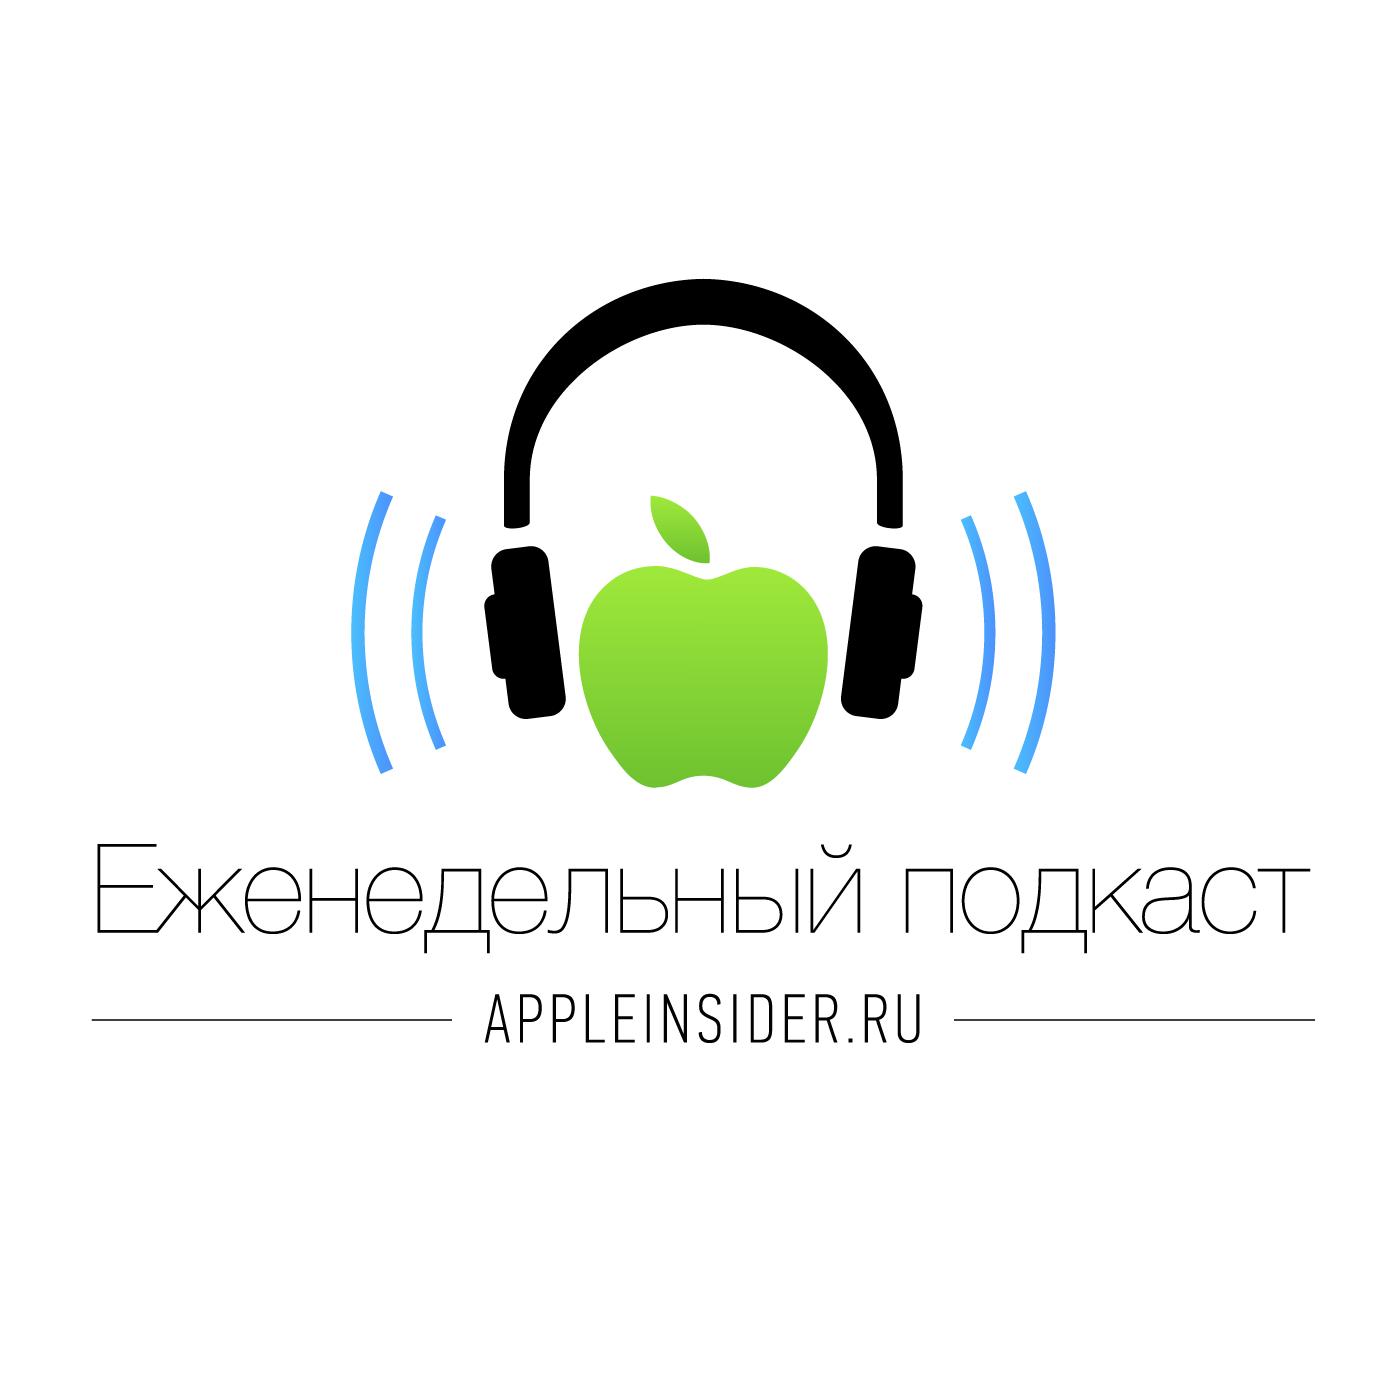 Миша Королев Что нового в шестой бета-версии iOS 10 миша королев чему равна наценка на iphone в российской рознице